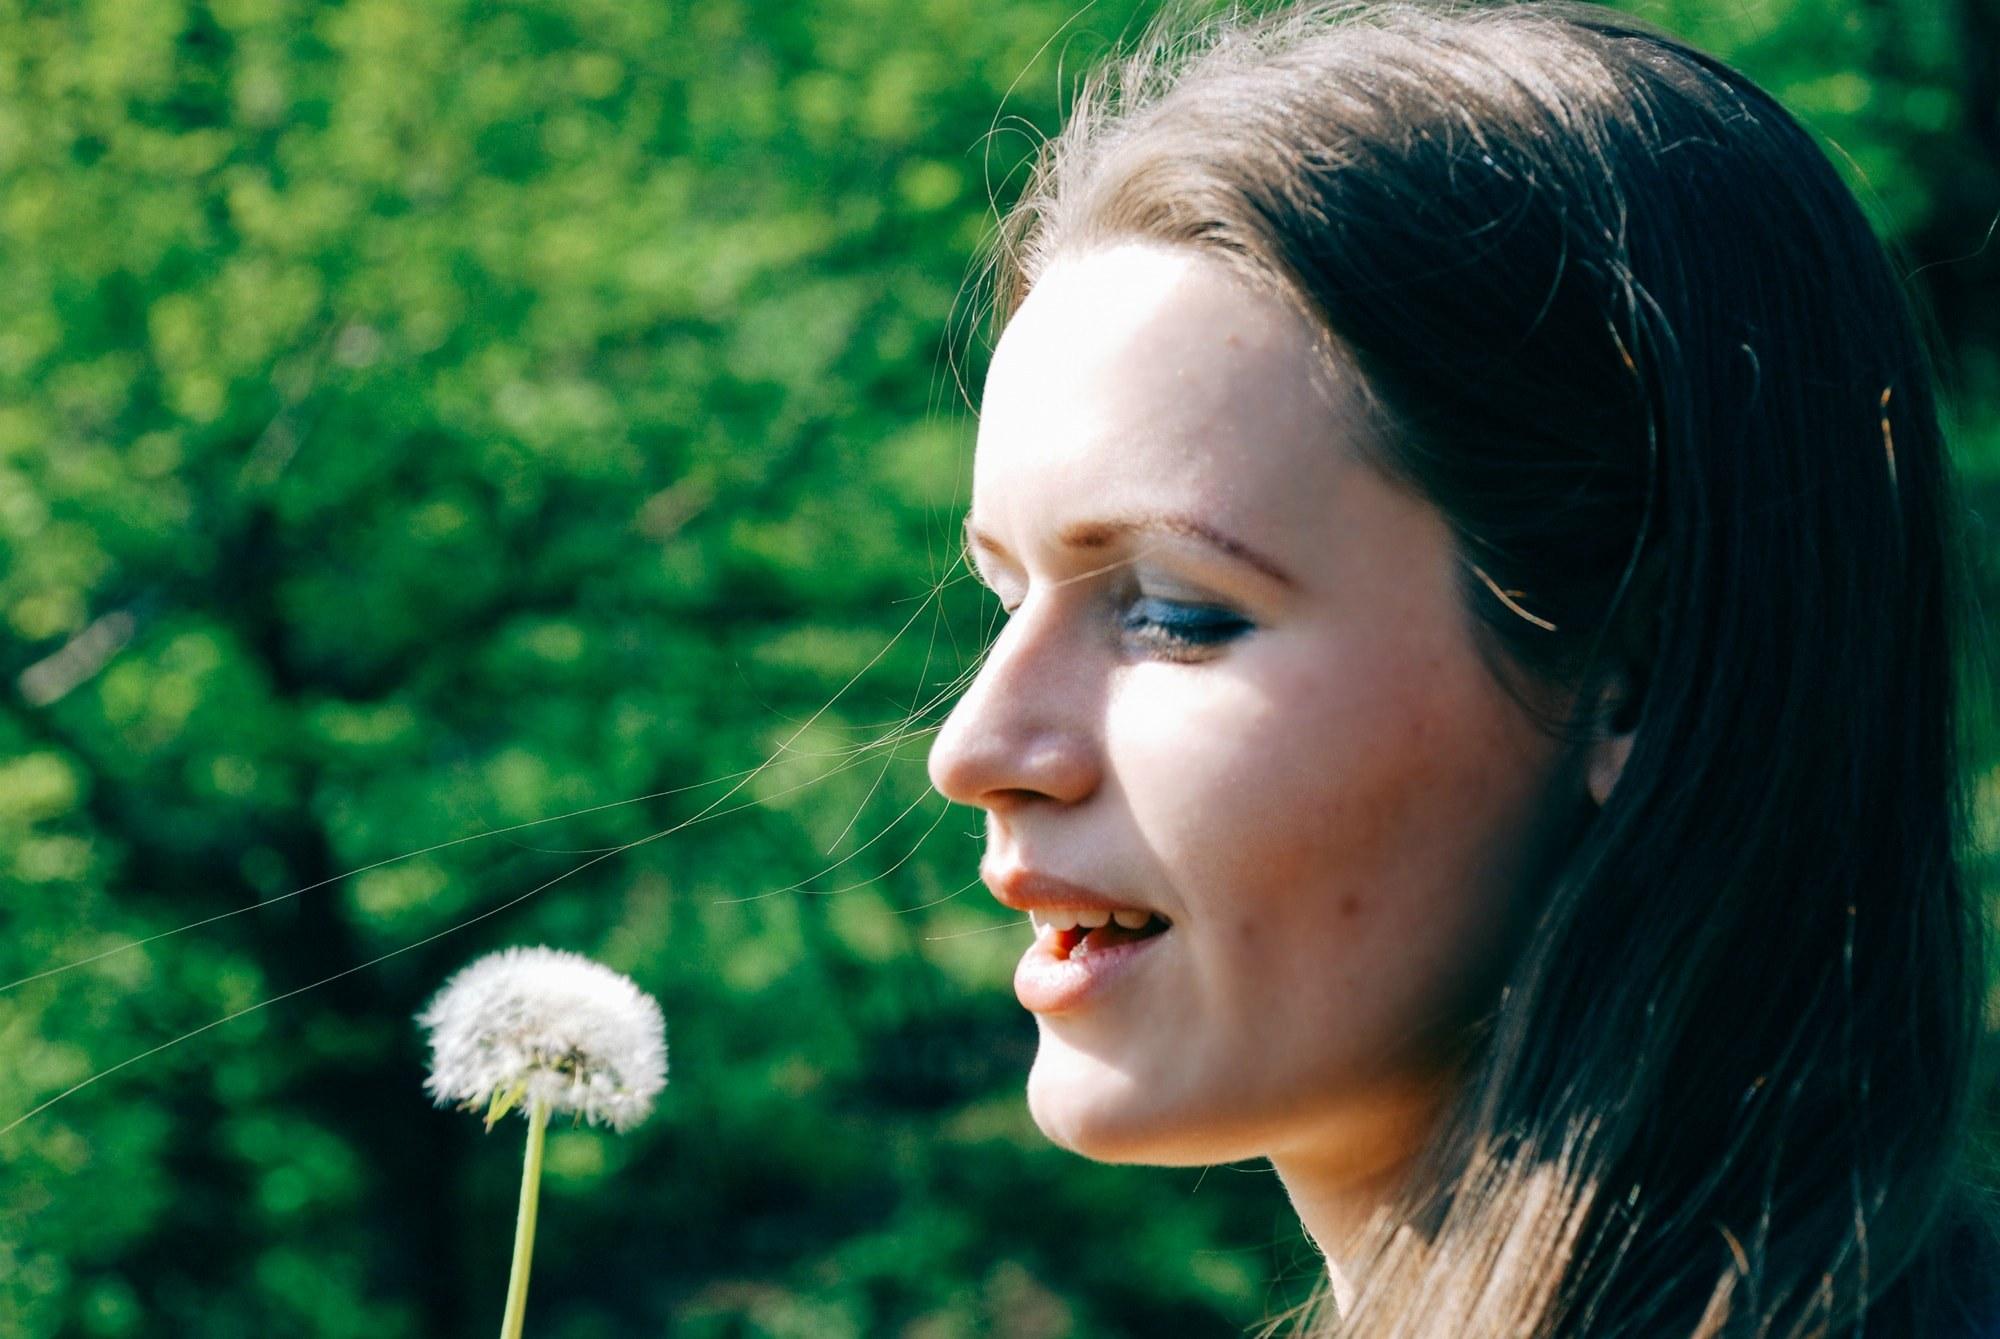 Девушка и одуванчик - Фотограф Киев - Женя Лайт